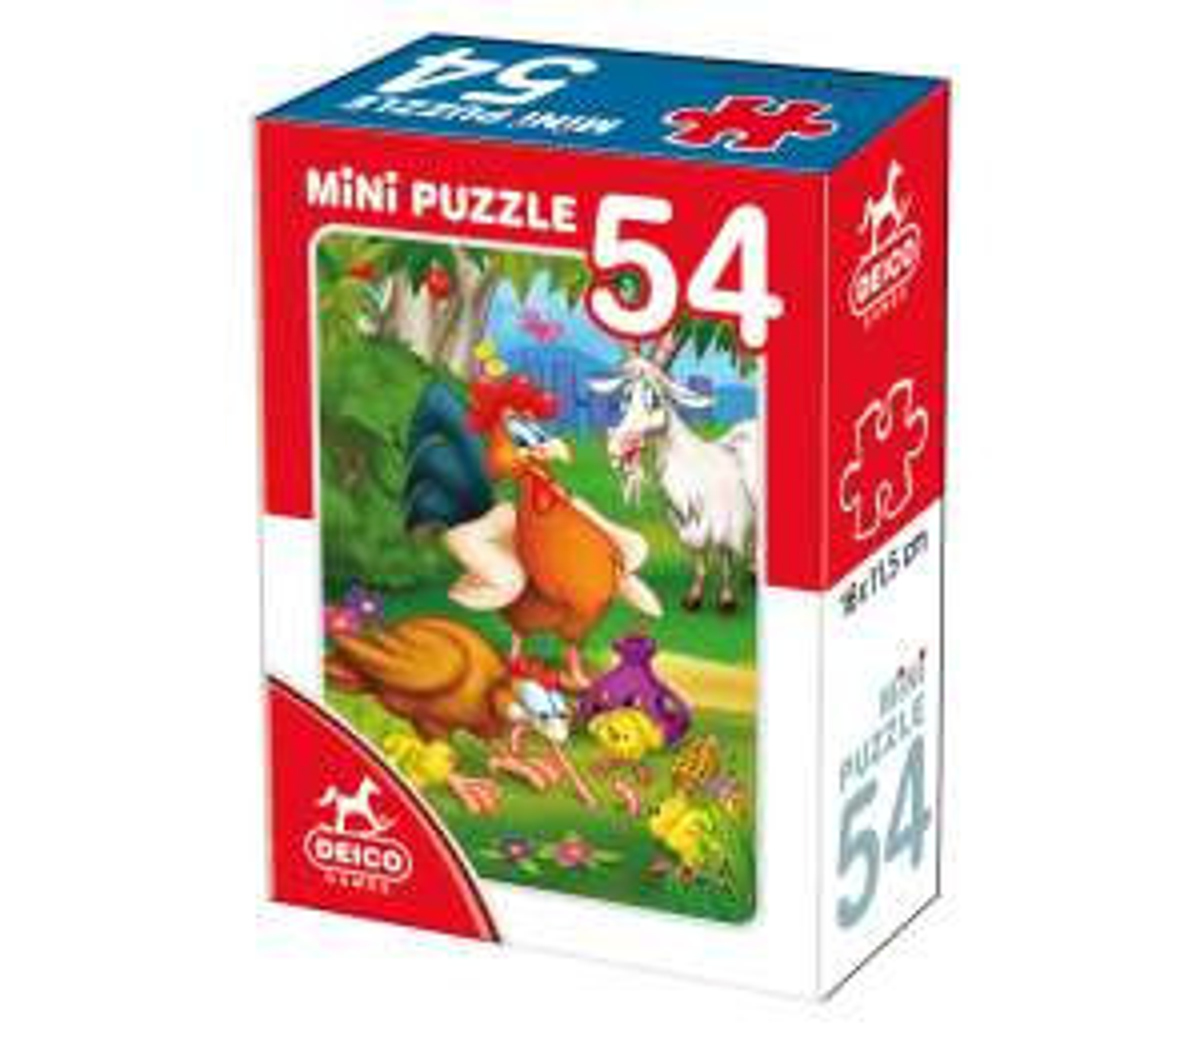 Sélection de Puzzles en promotion - Ex : Mini Puzzle : La quête du repas - 54 pièces